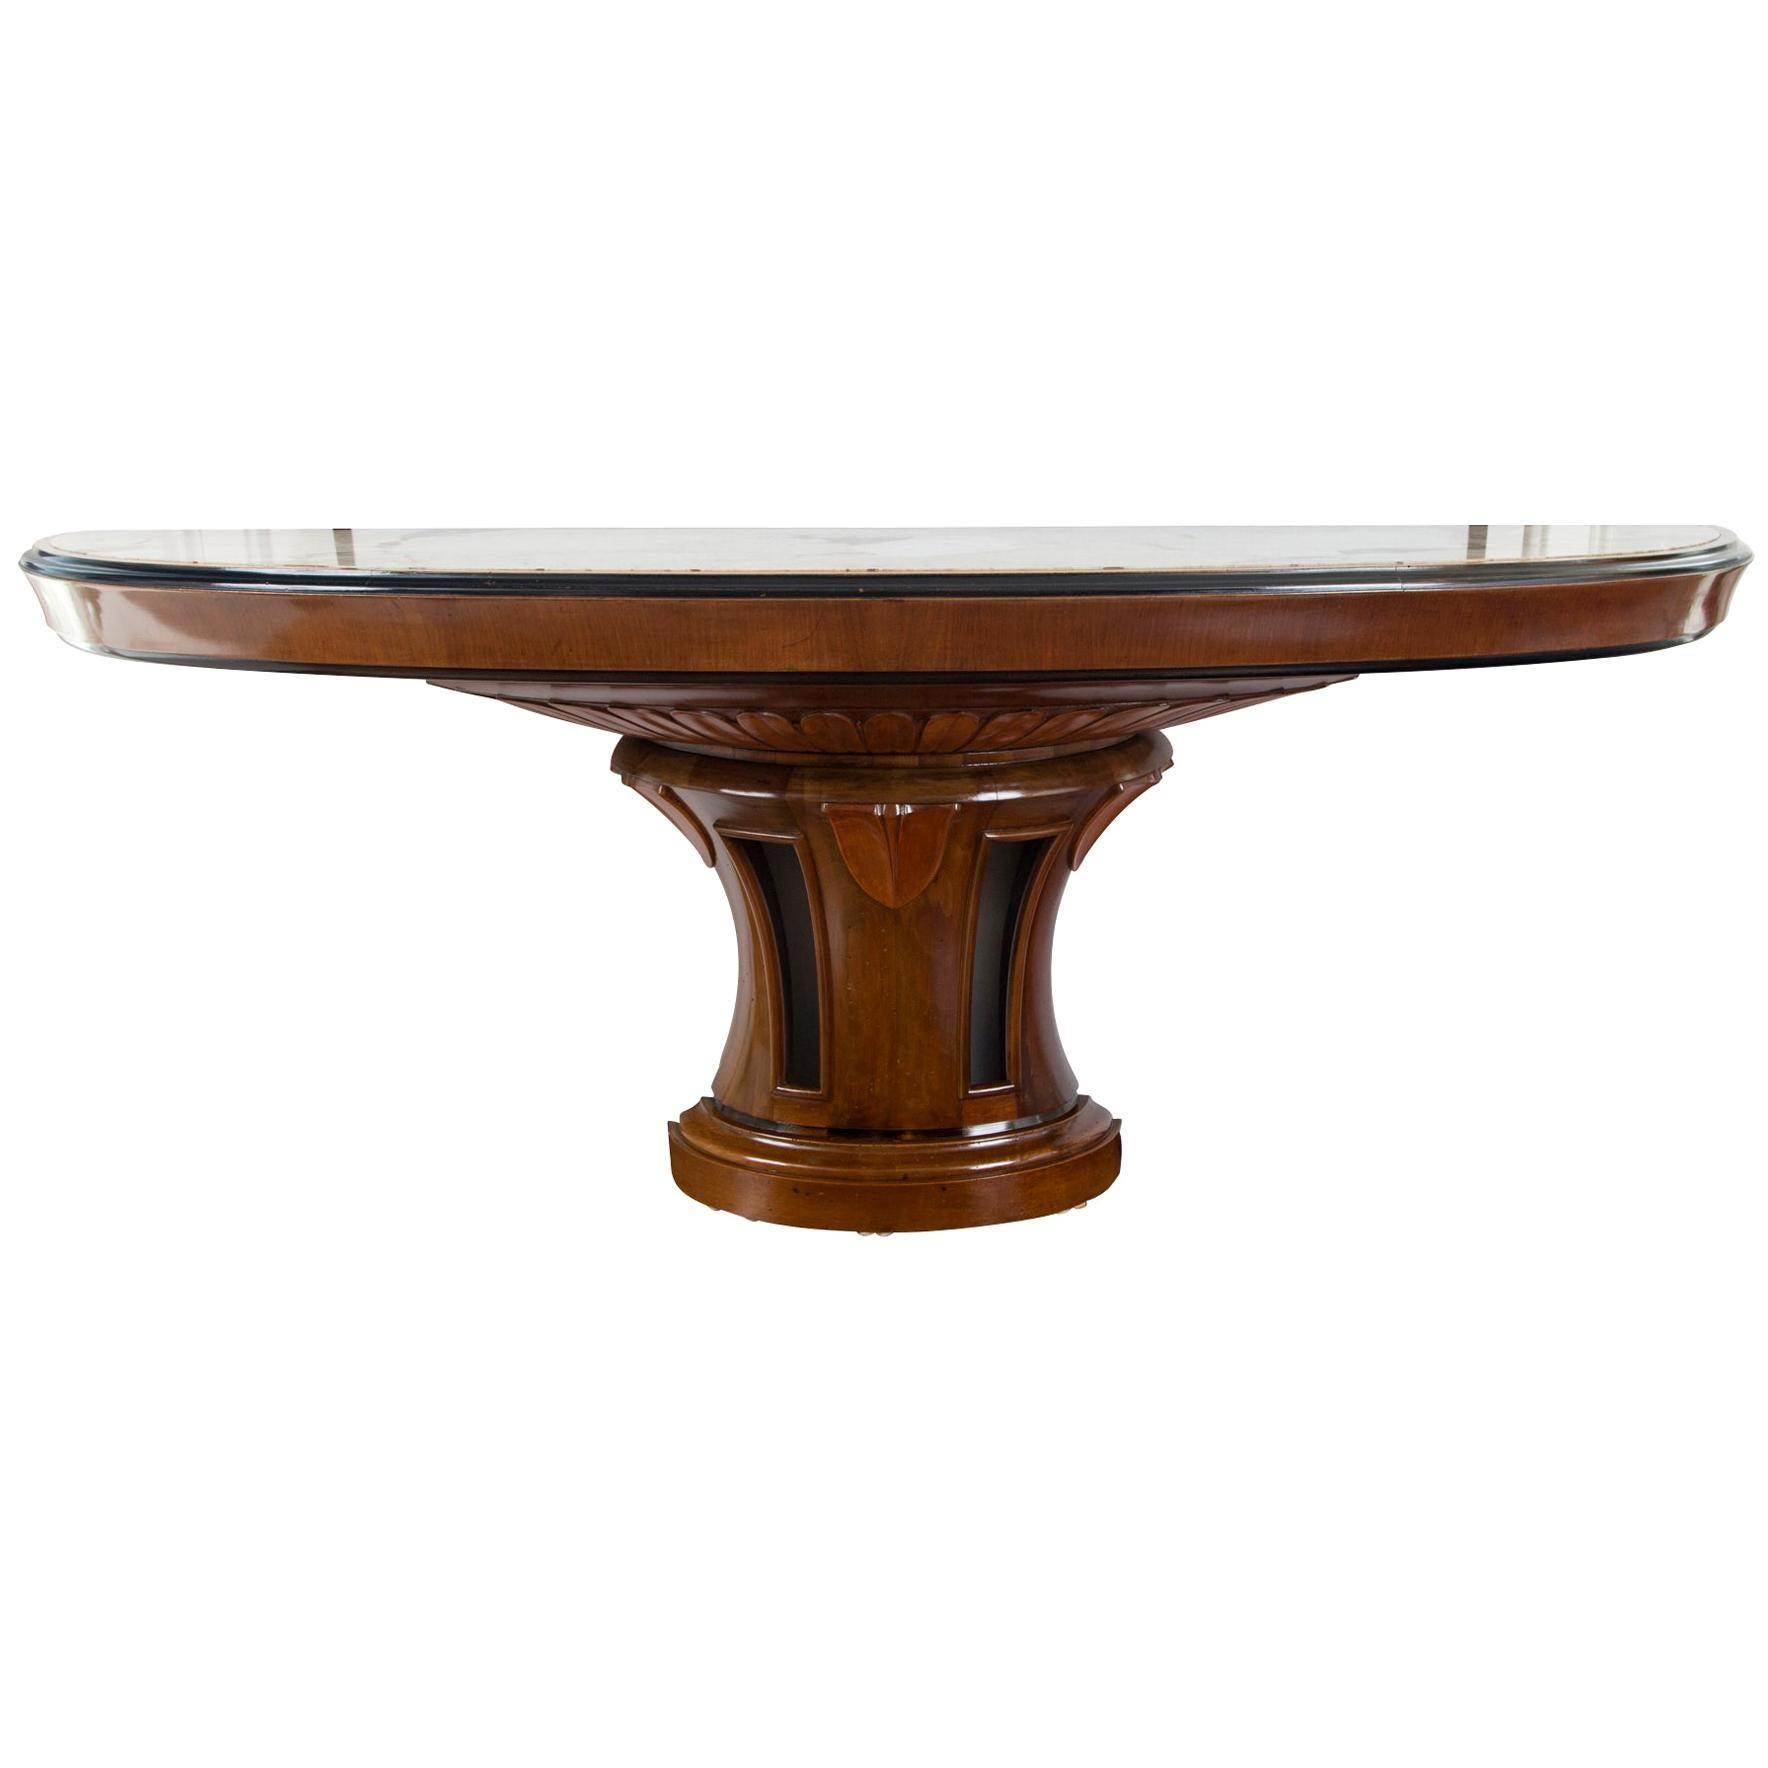 Very Long Italian Art Nouveau Demilune Console Table